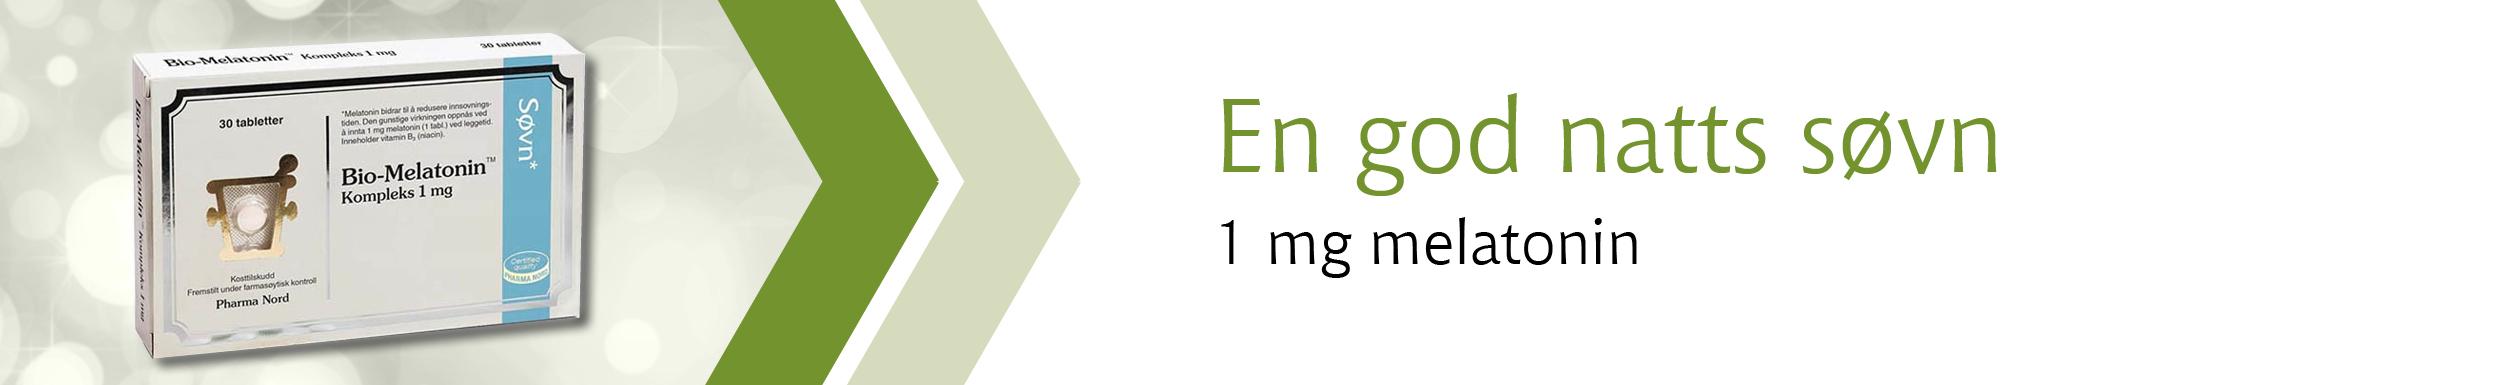 melatonin - annonse